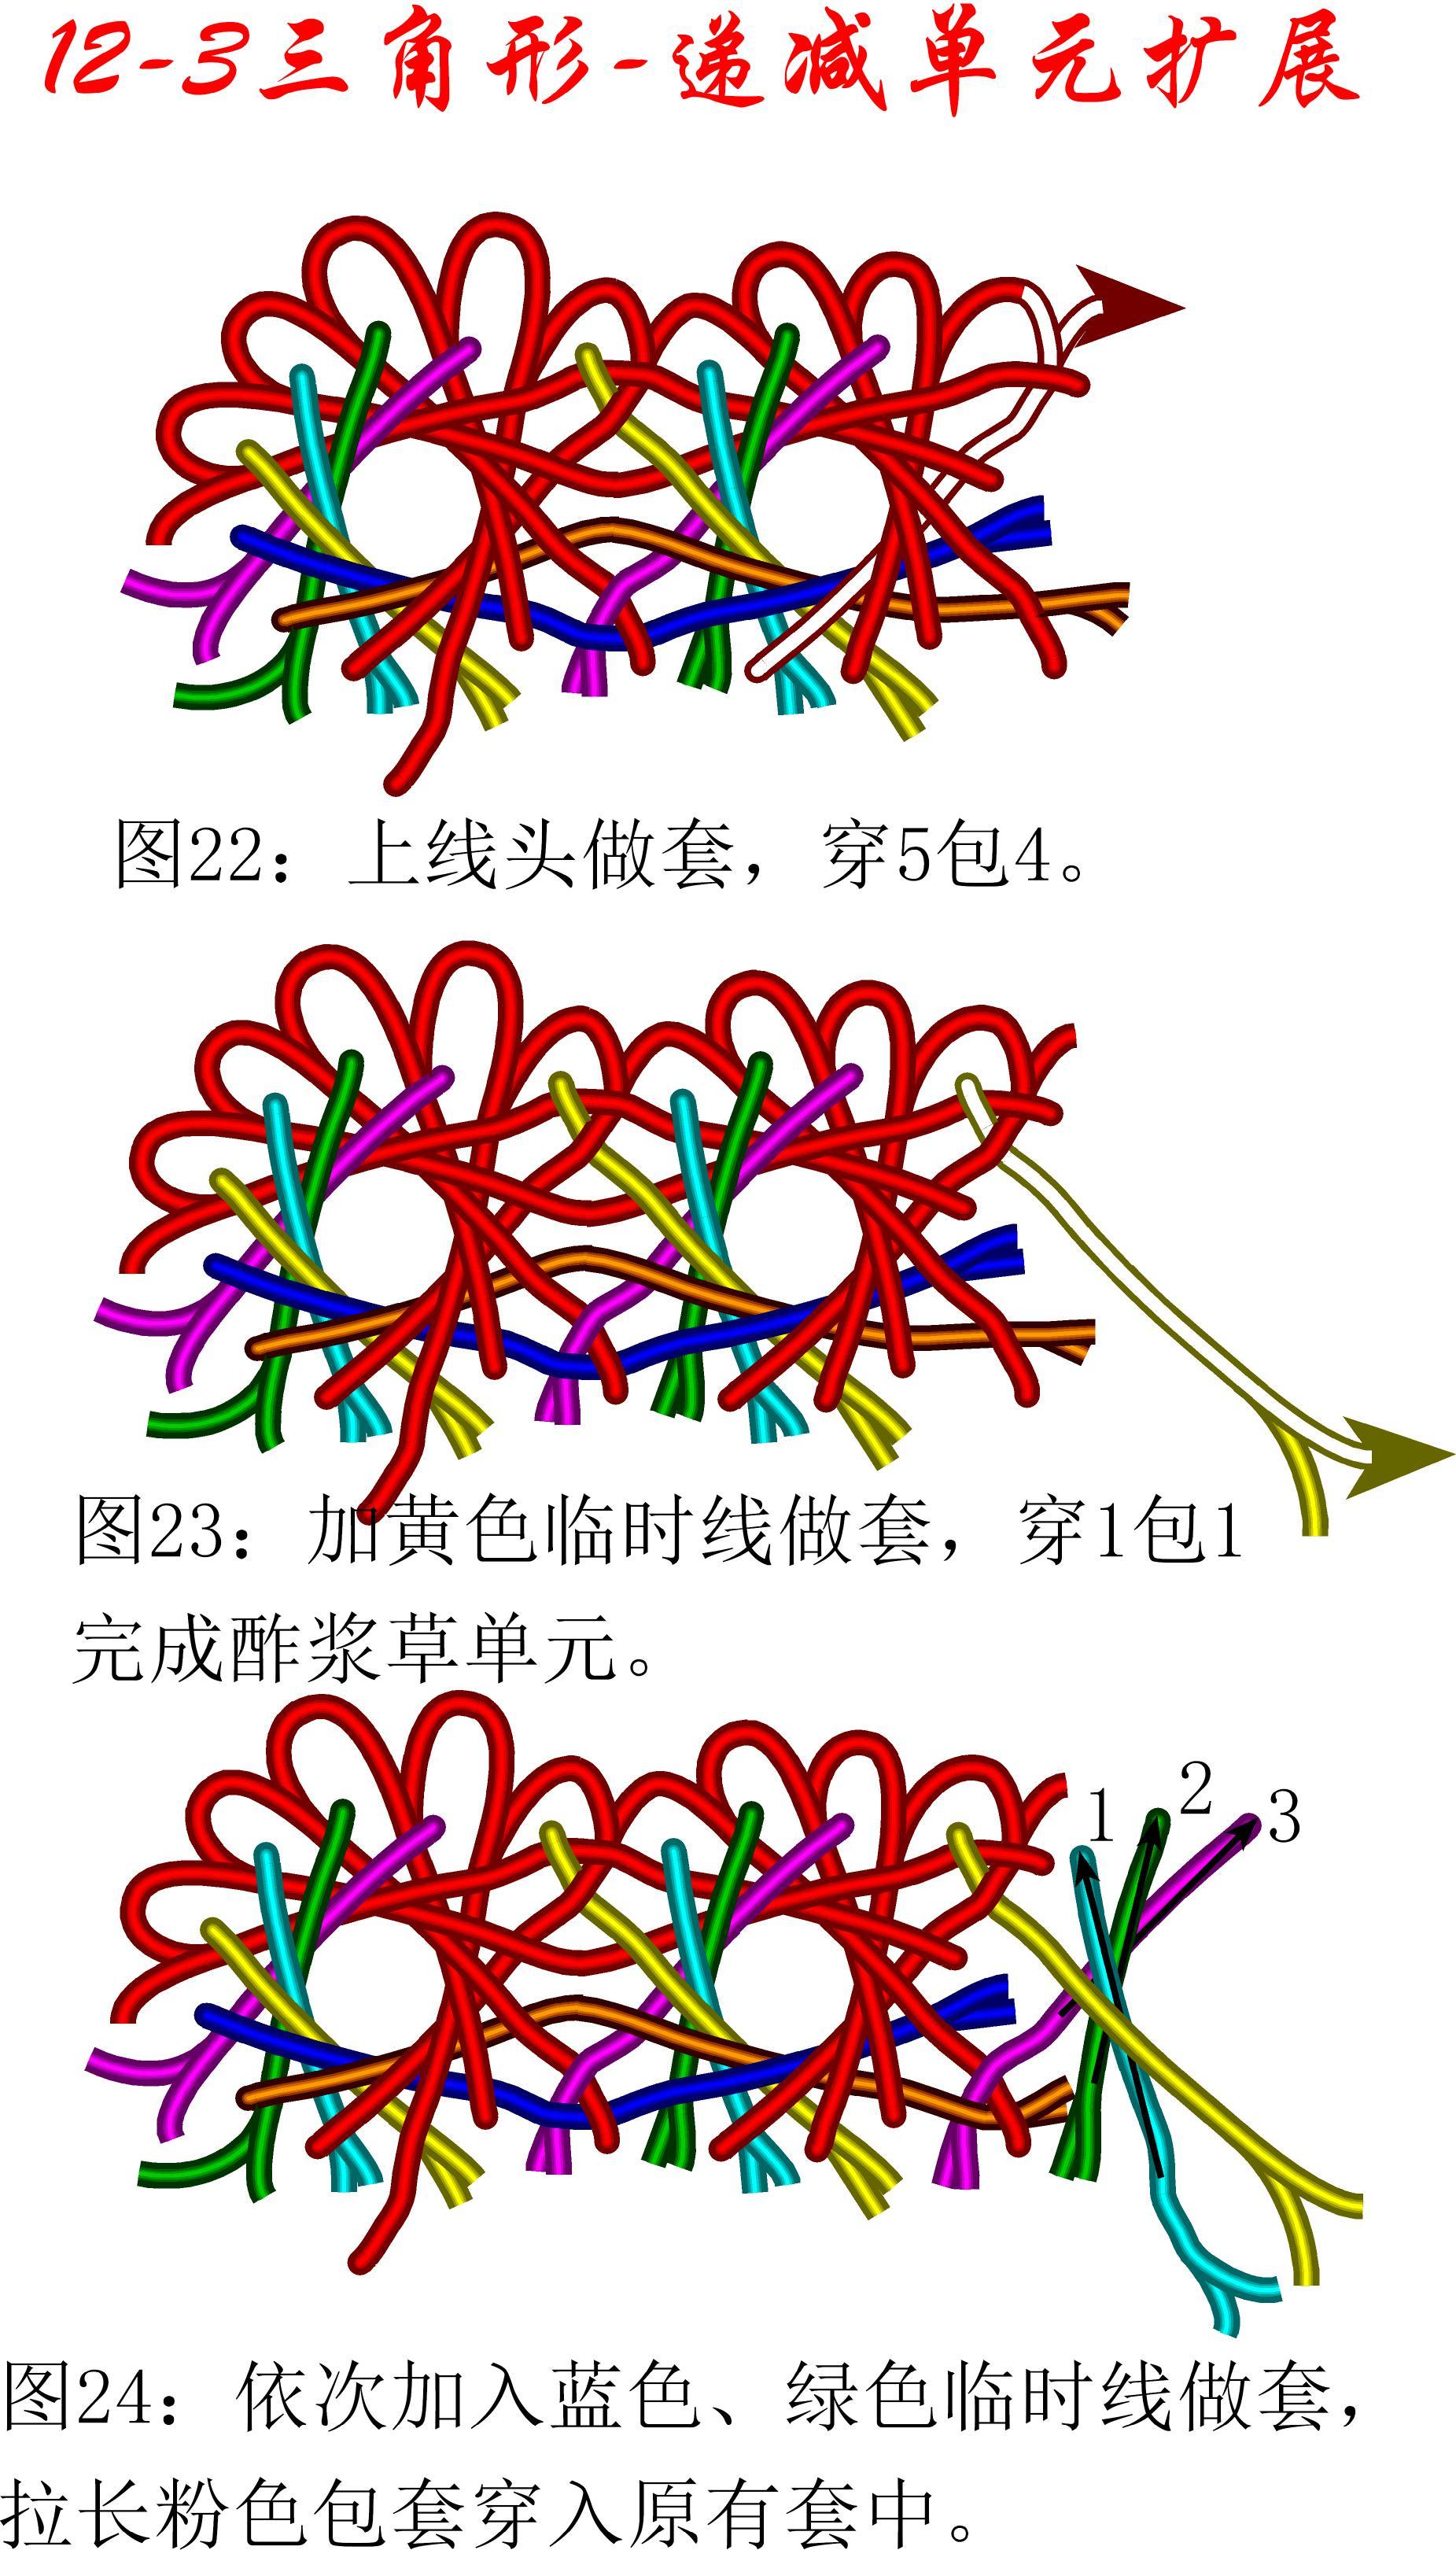 中国结论坛 12-3盘长减少单元扩展方法---三角盘长徒手教程 教程,基本单元,存储器扩展单元,星三角 丑丑徒手编结 174548bo8oo5g8rlvorhg5